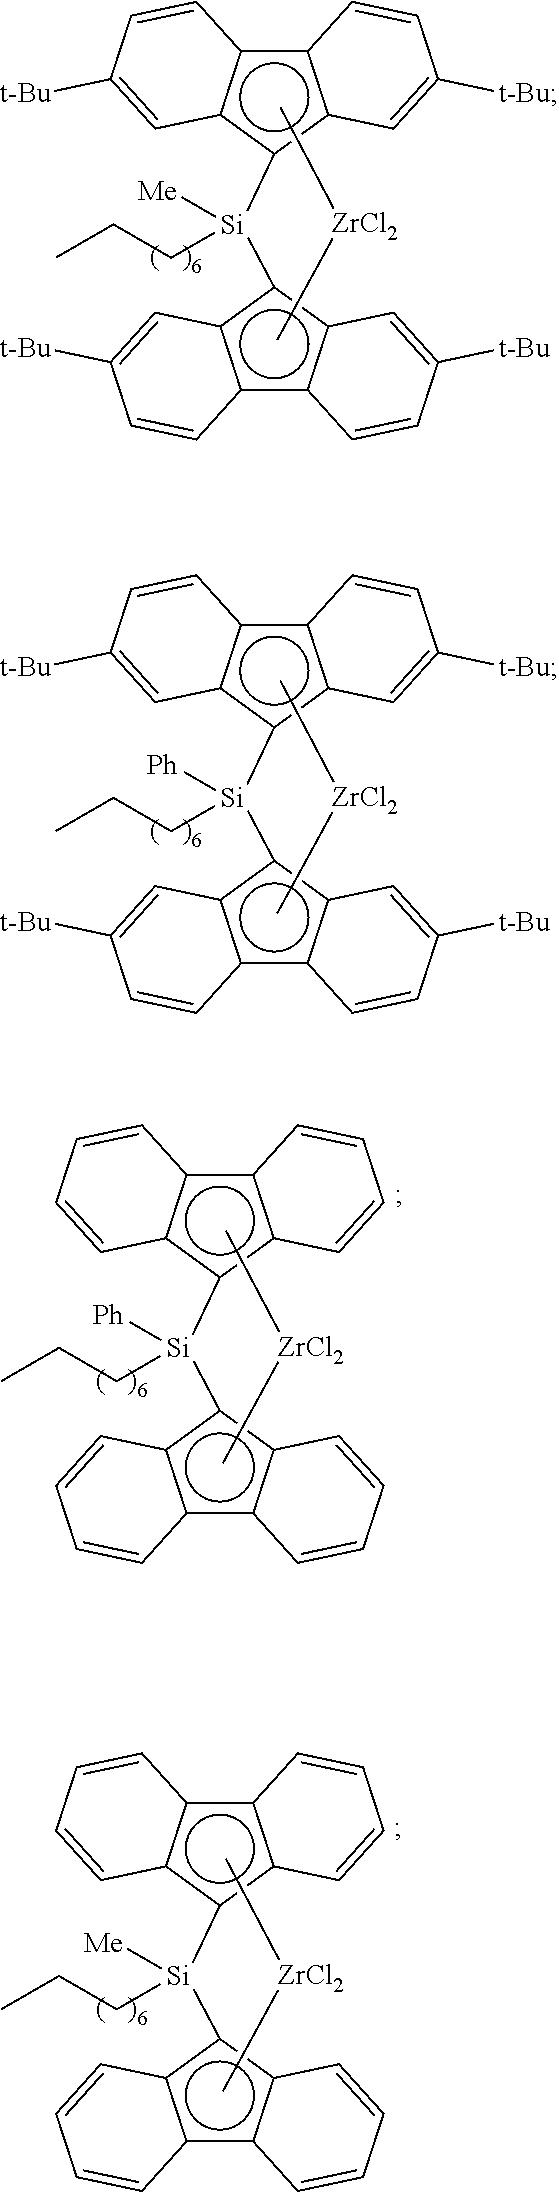 Figure US08501654-20130806-C00030